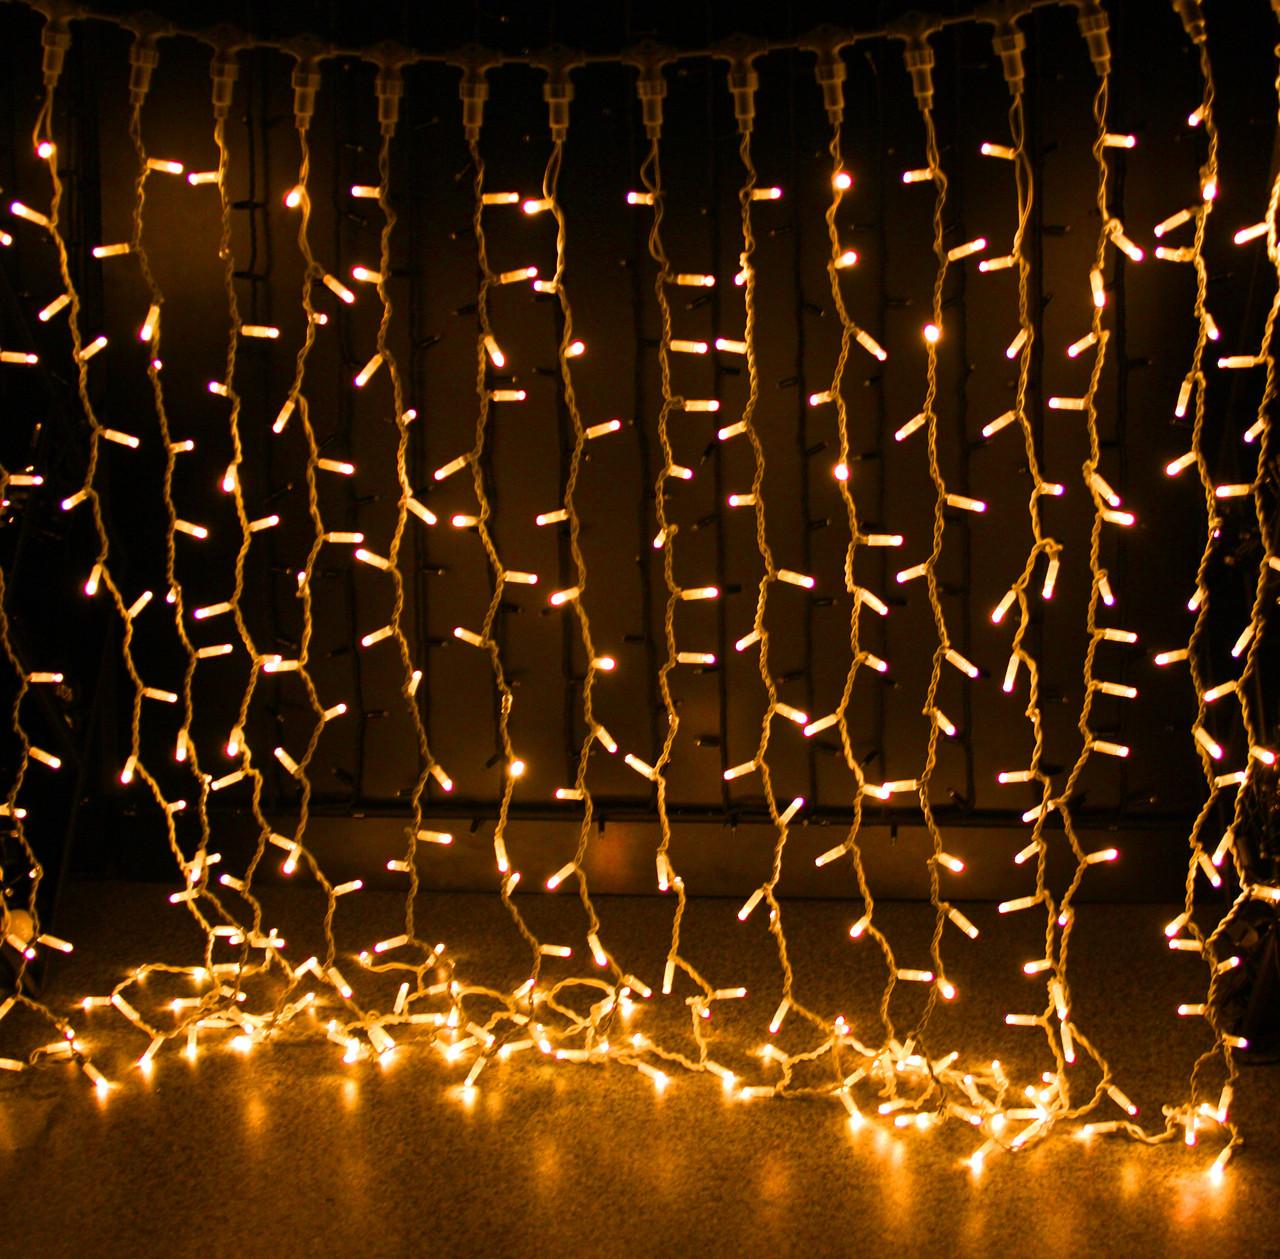 Уличная светодиодная гирлянда Штора Lumion Curtain (2060-DE) 456 led цвет желтый без каб пит.